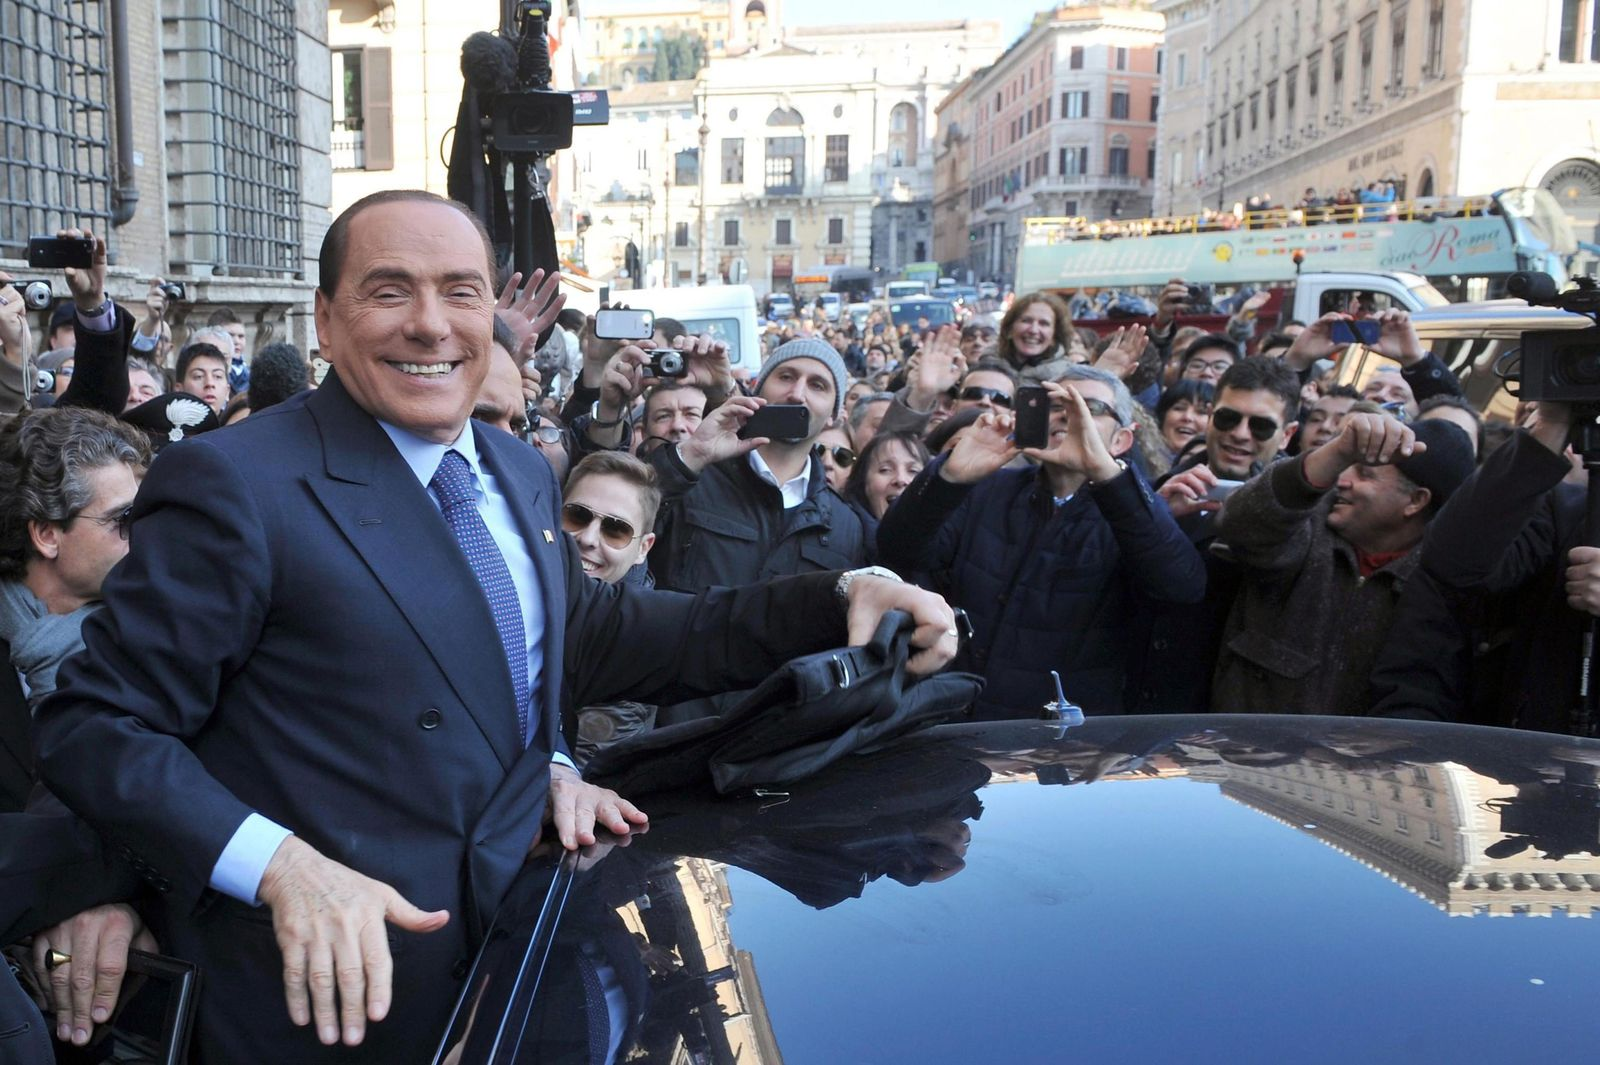 Berlusconi-Fans